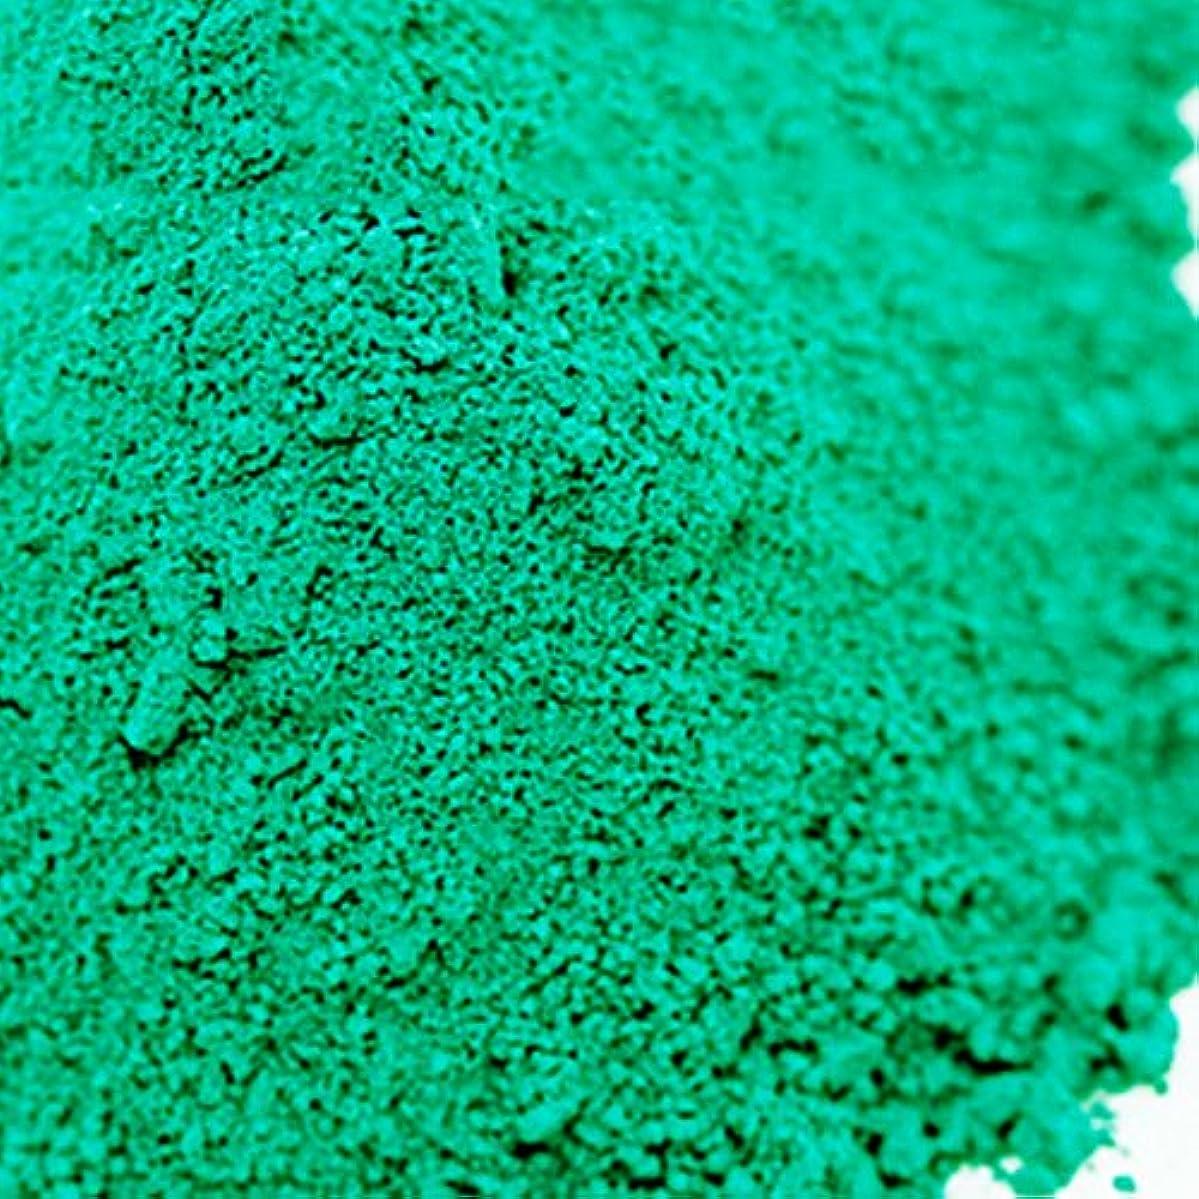 葉を集めるエイリアスお肉水酸化クロム グリーン 5g 【手作り石鹸/手作りコスメ/色付け/カラーラント/緑】